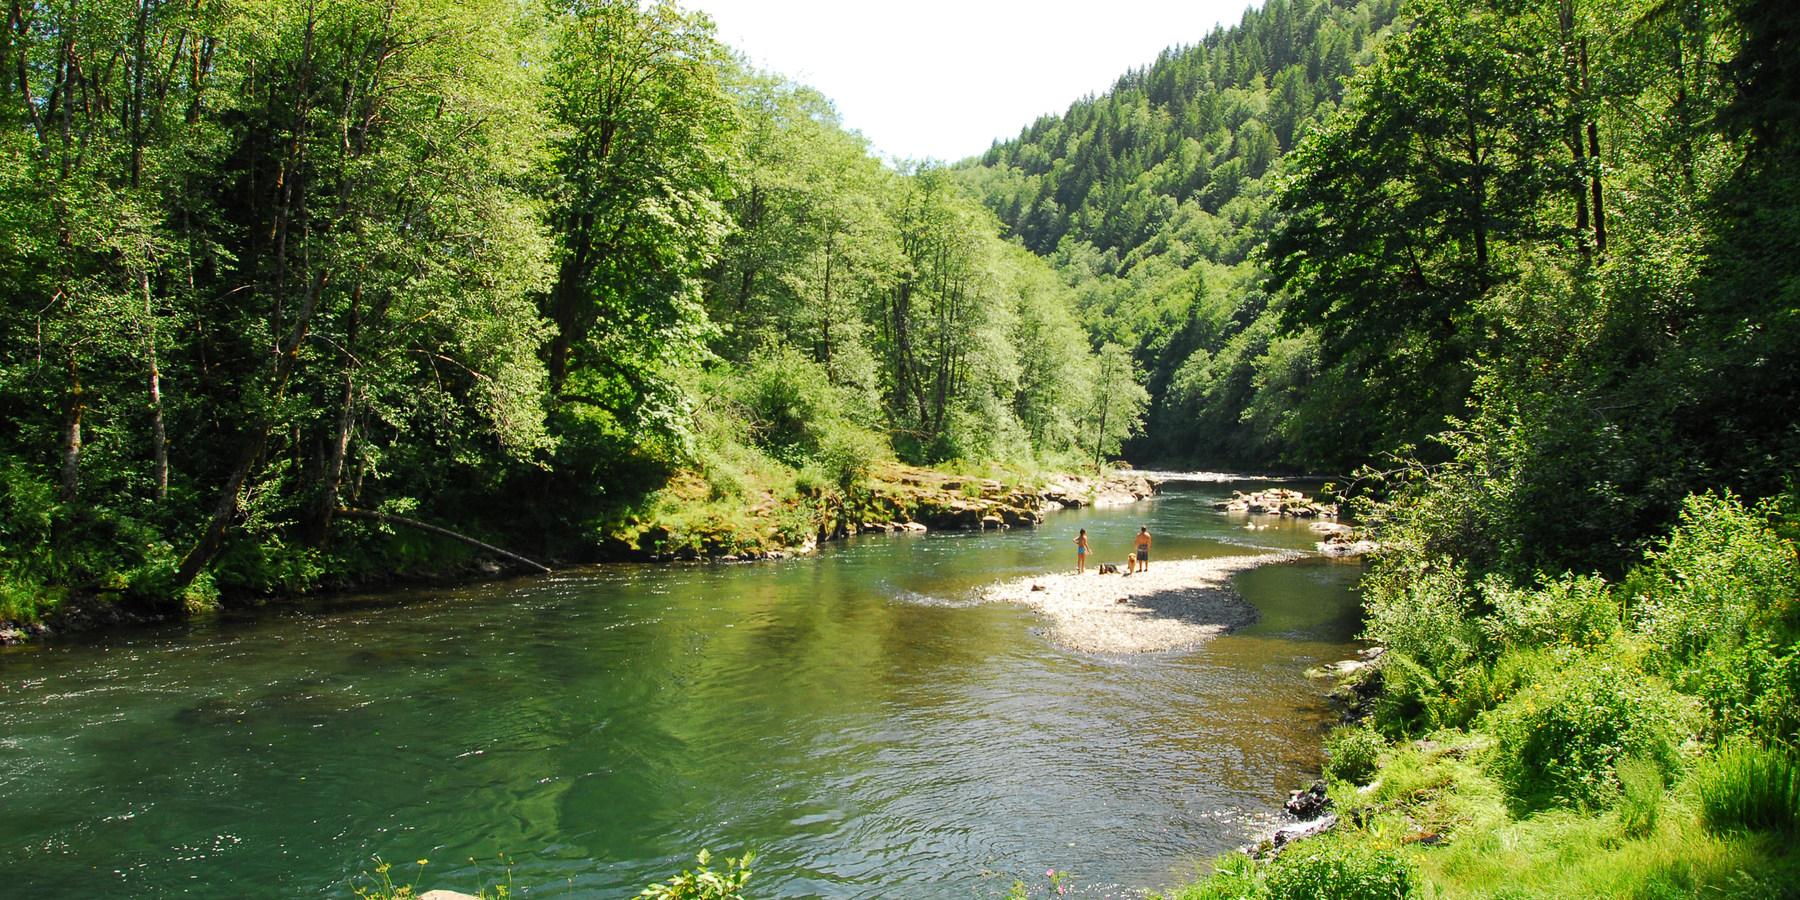 Wilson River Keenig Creek Outdoor Project